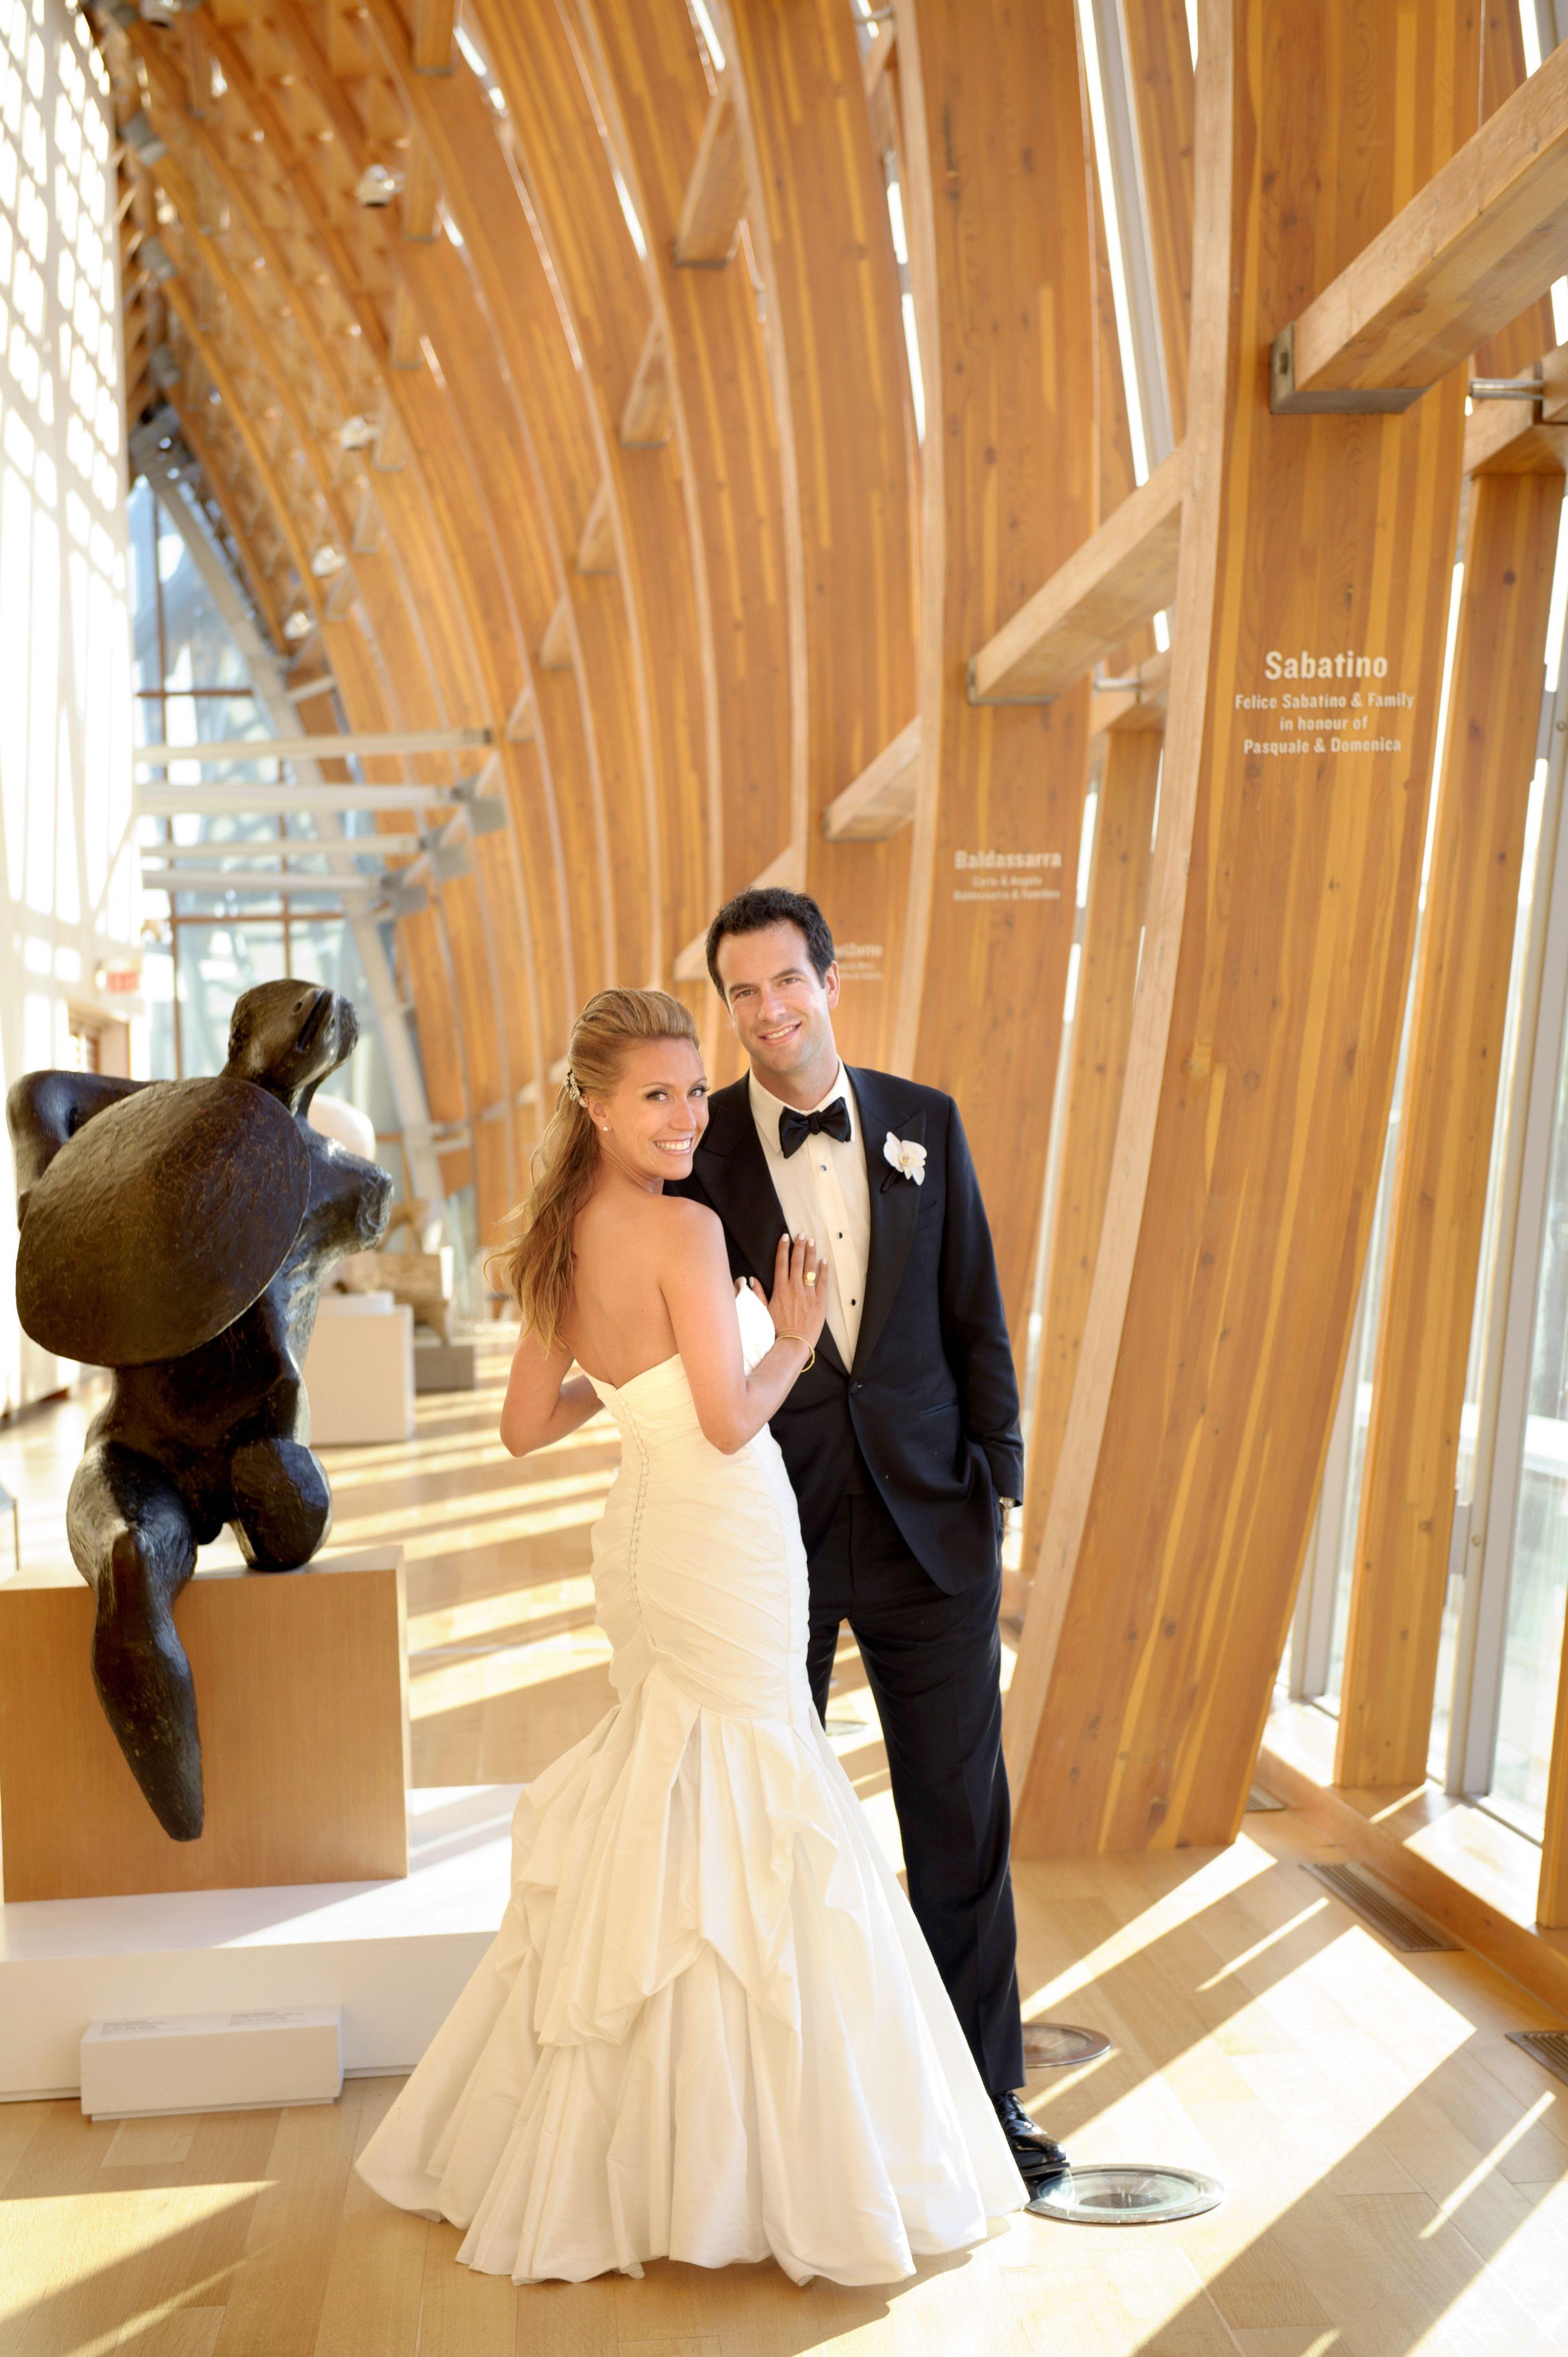 A Modern Art Gallery Wedding in Toronto | Weddingbells